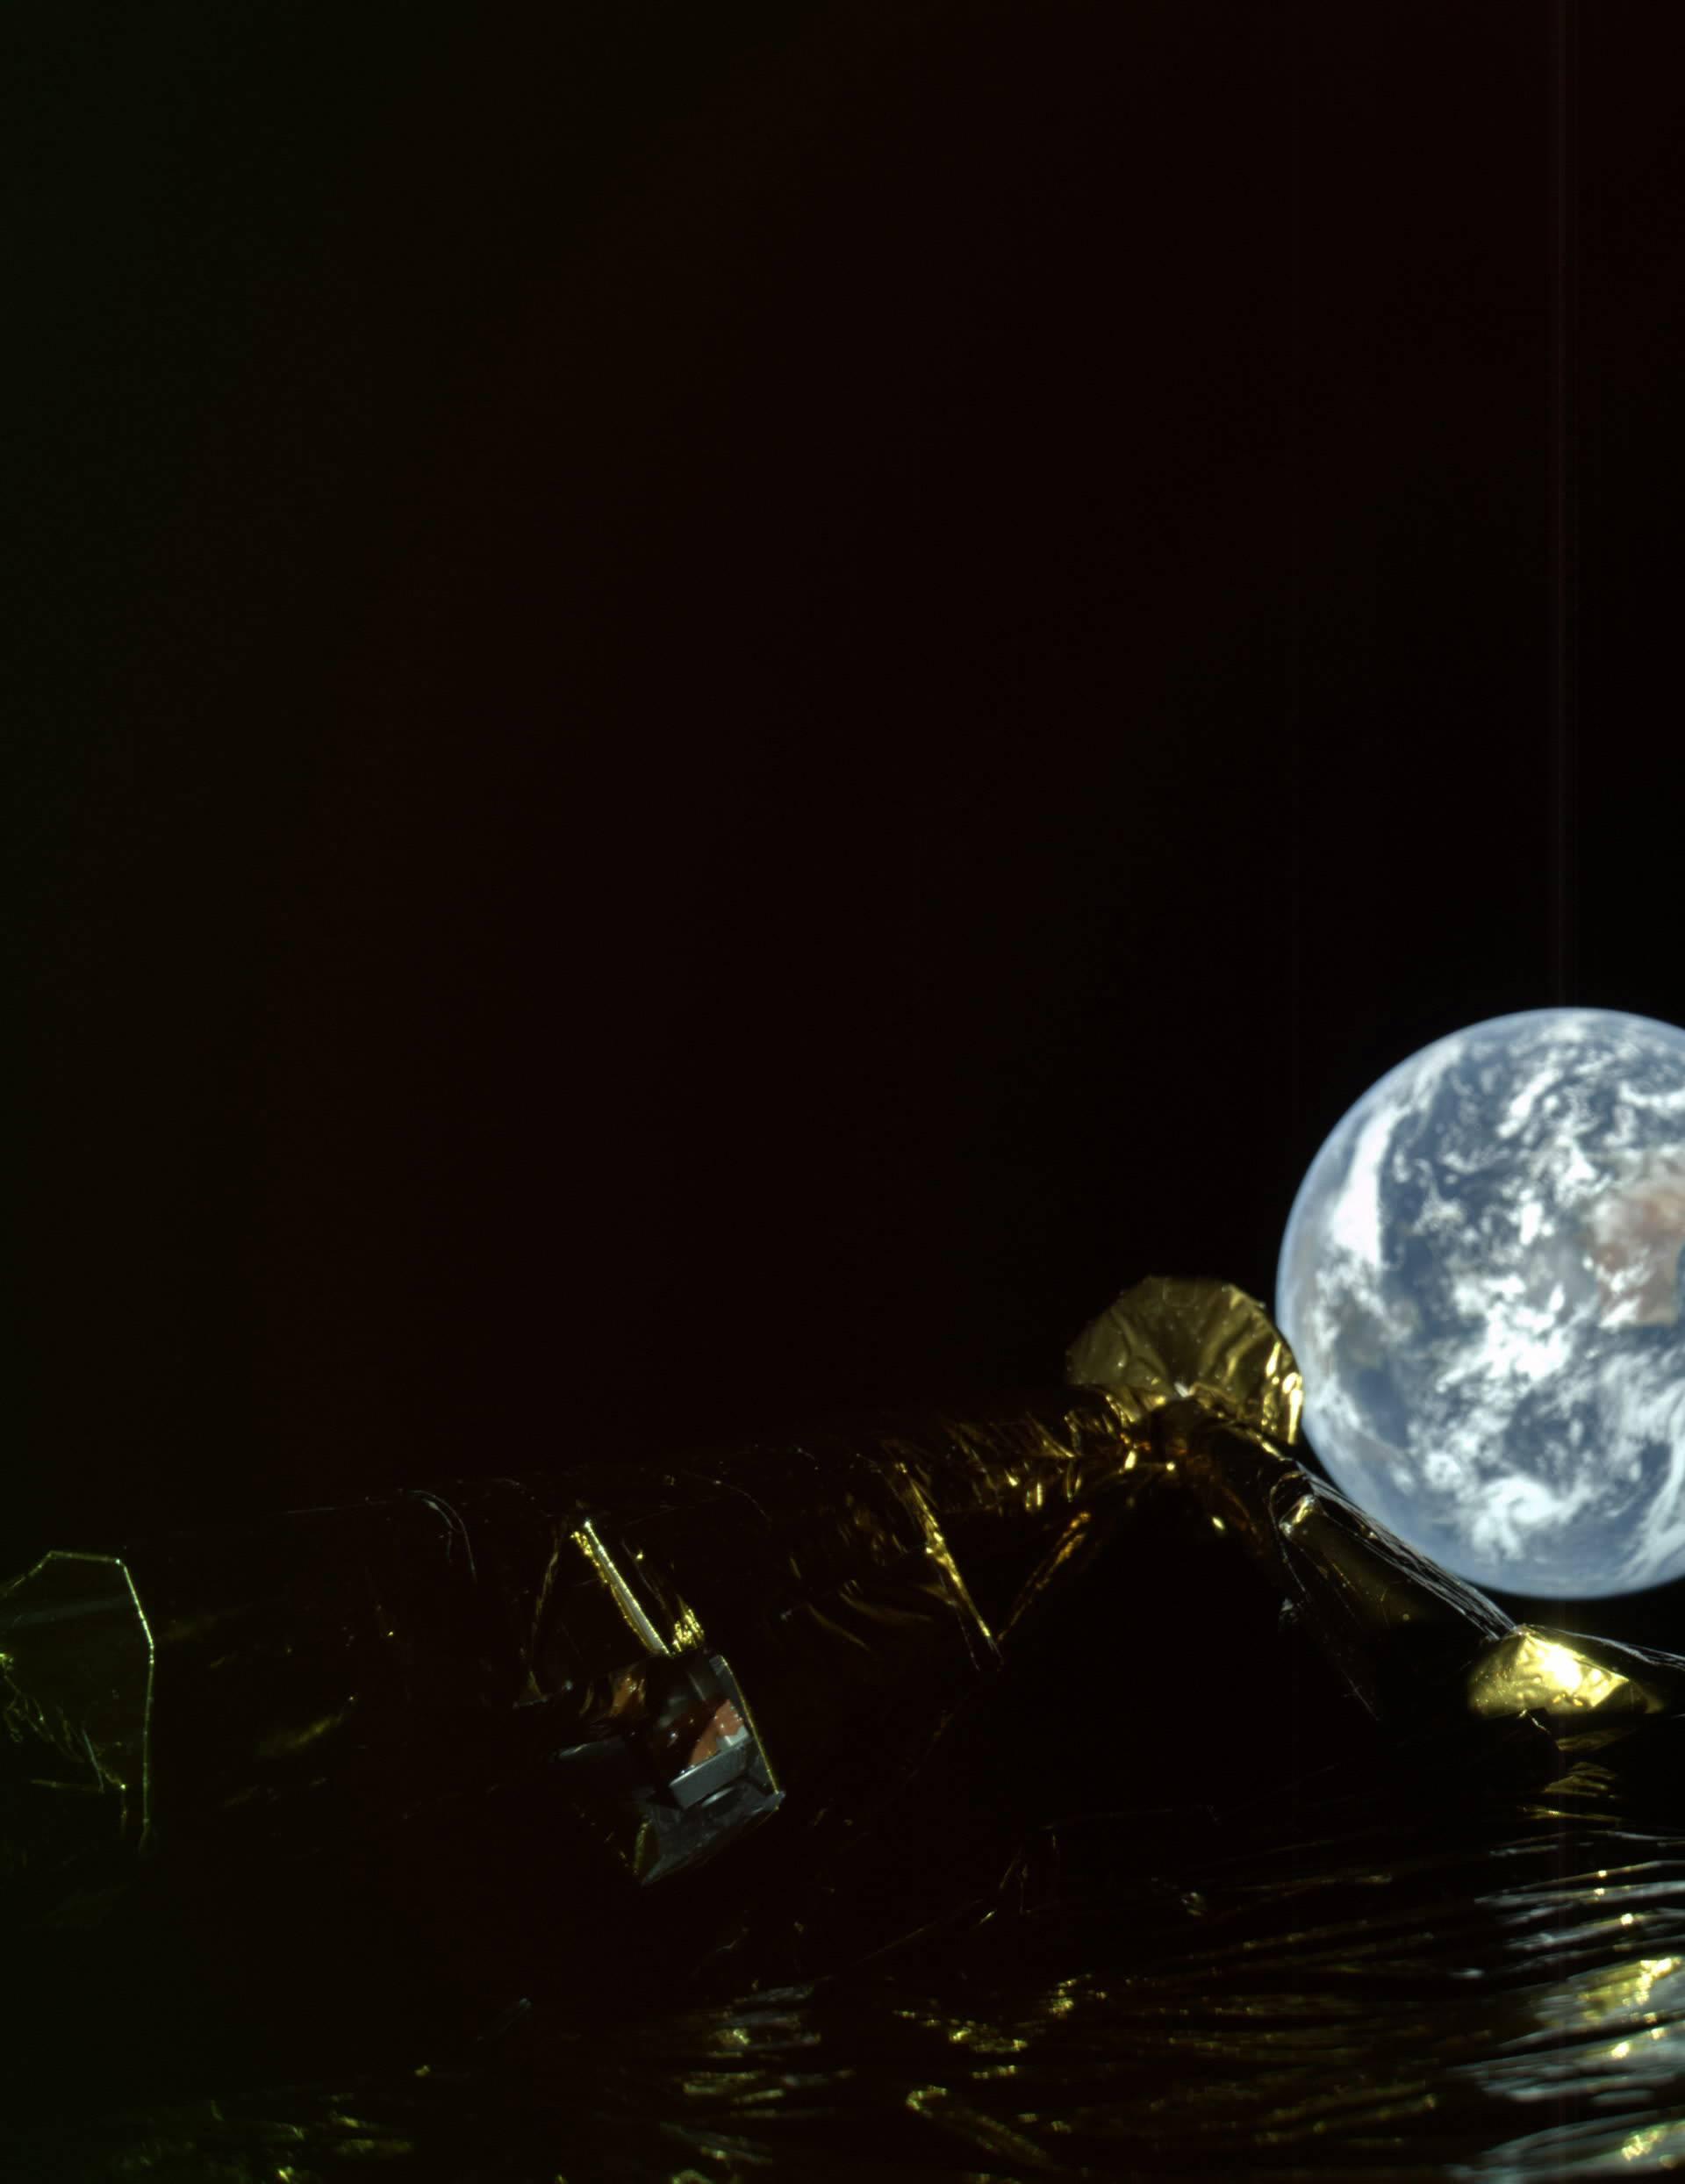 Prvi izraelski selfie iz svemira: 'Mala zemlja, ali veliki snovi...'